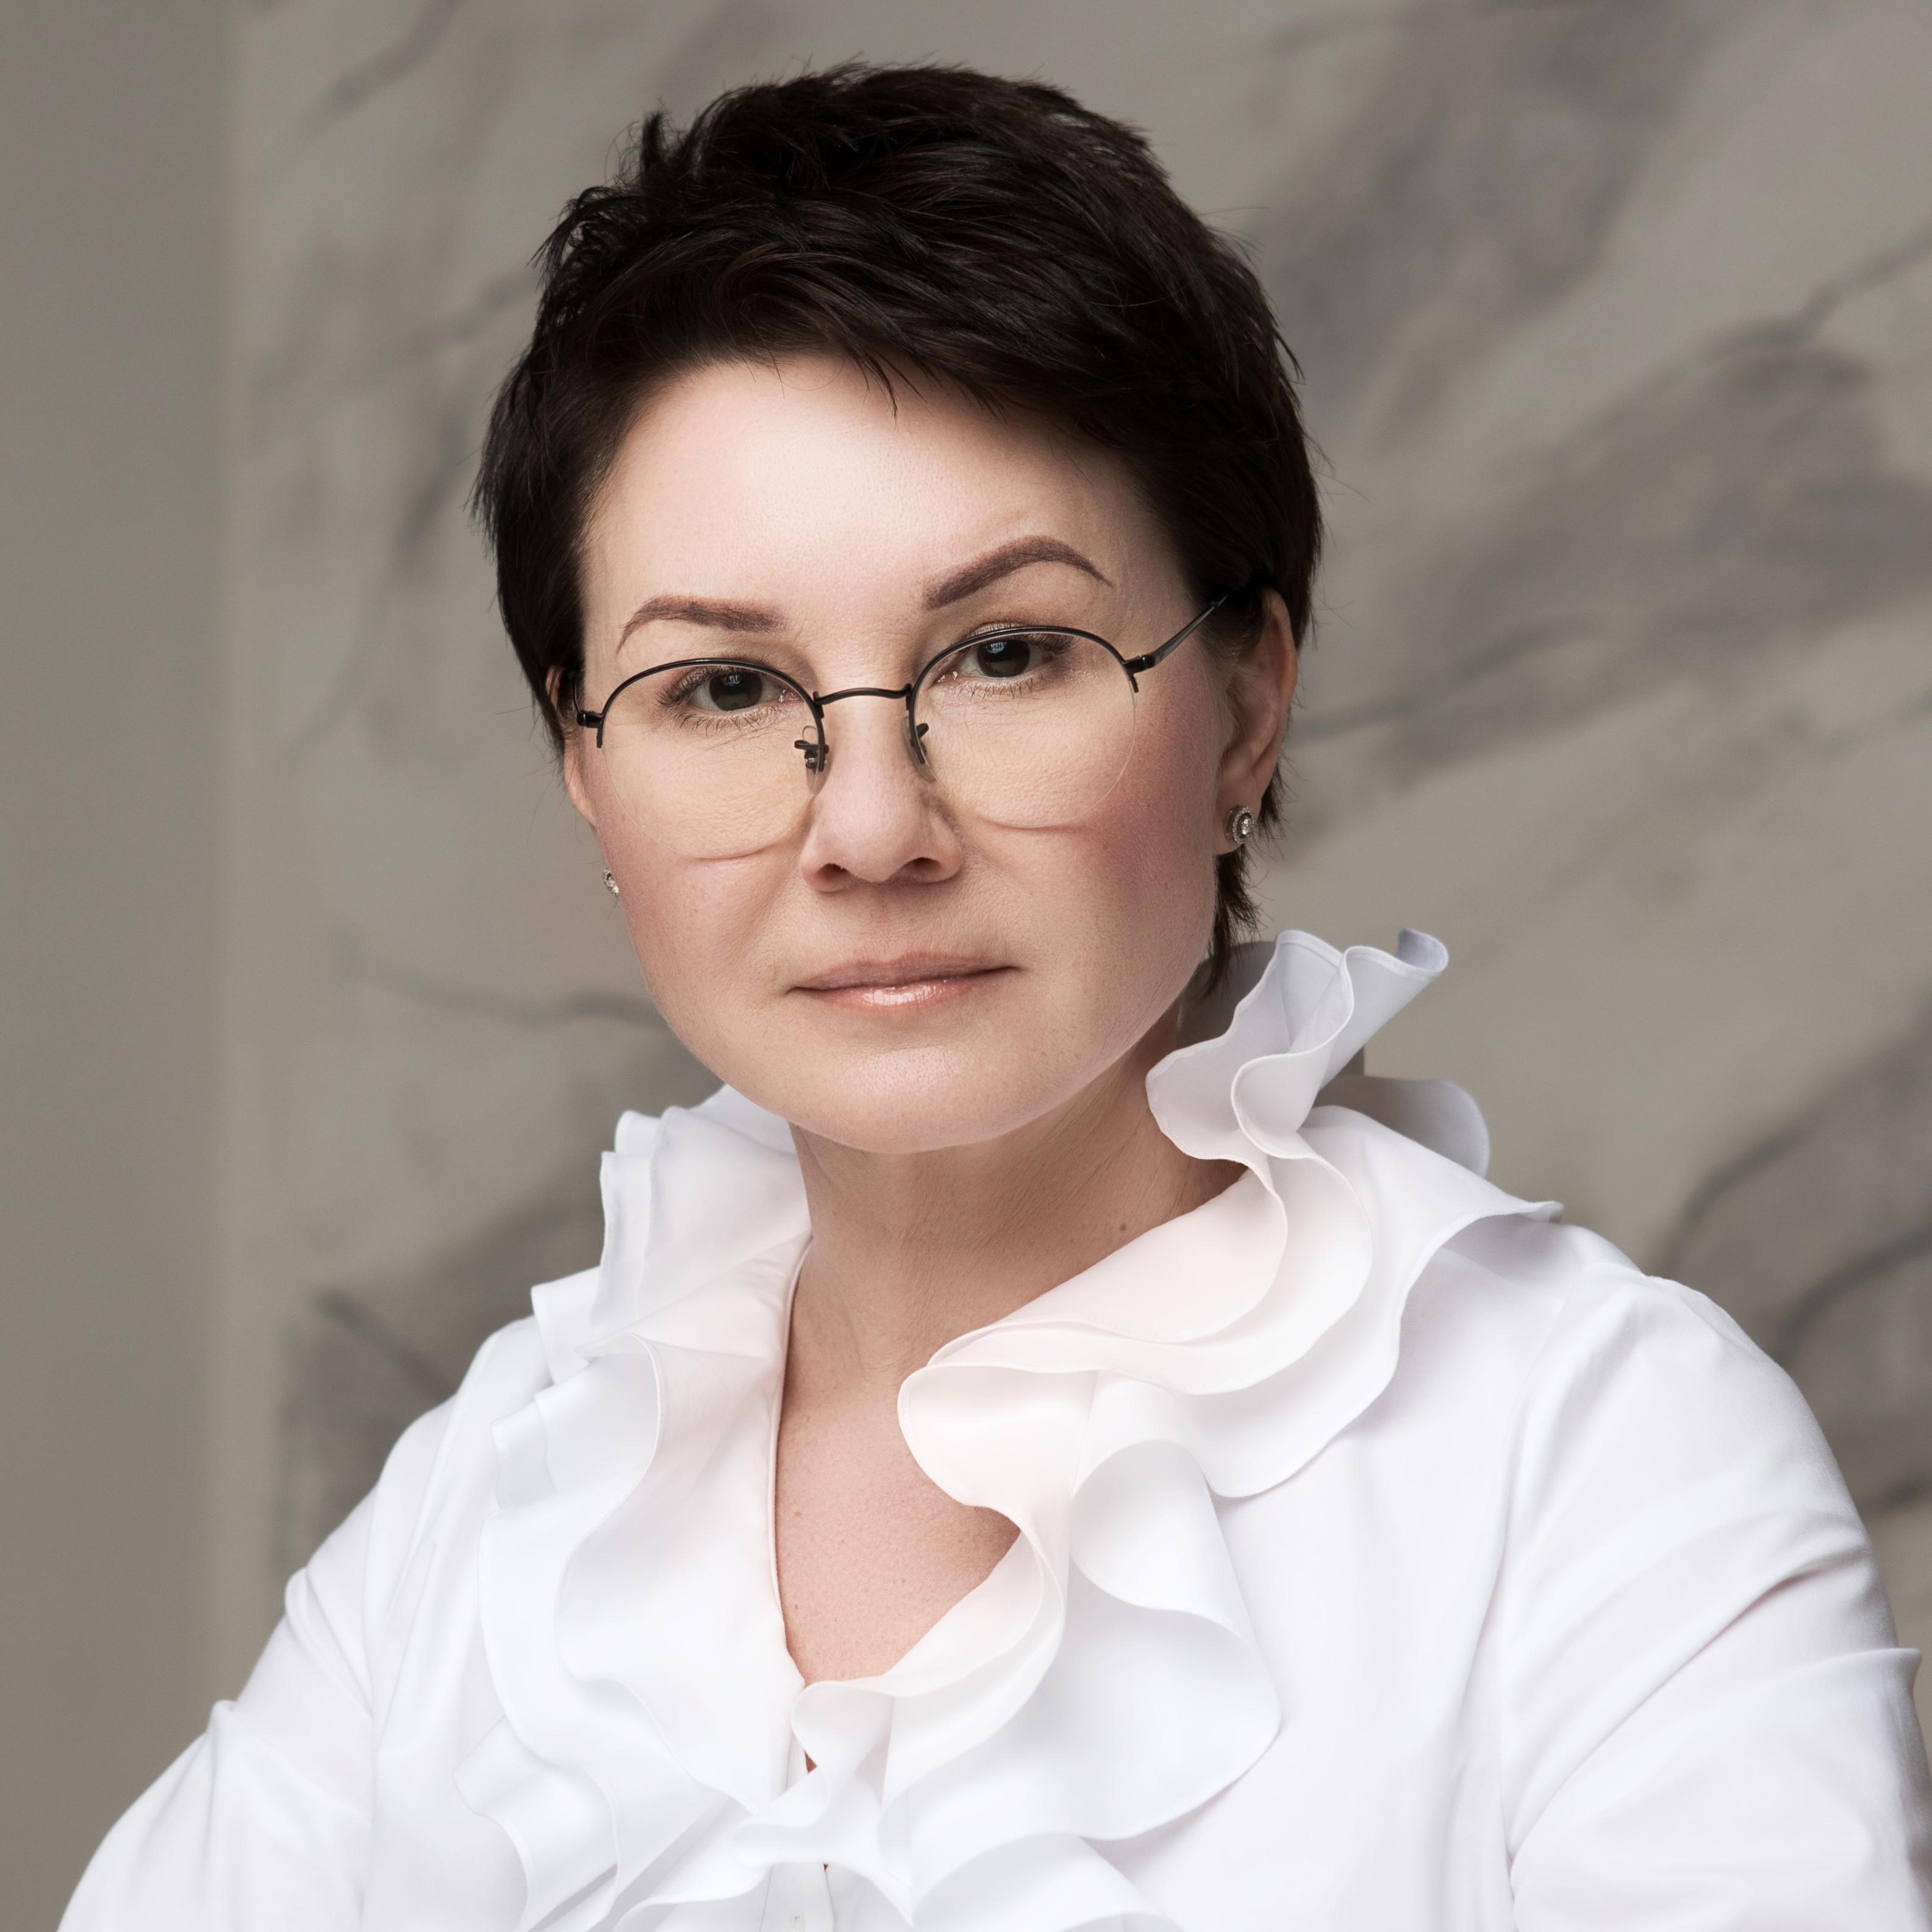 Ямалетдиновой Зинфиры Амировны